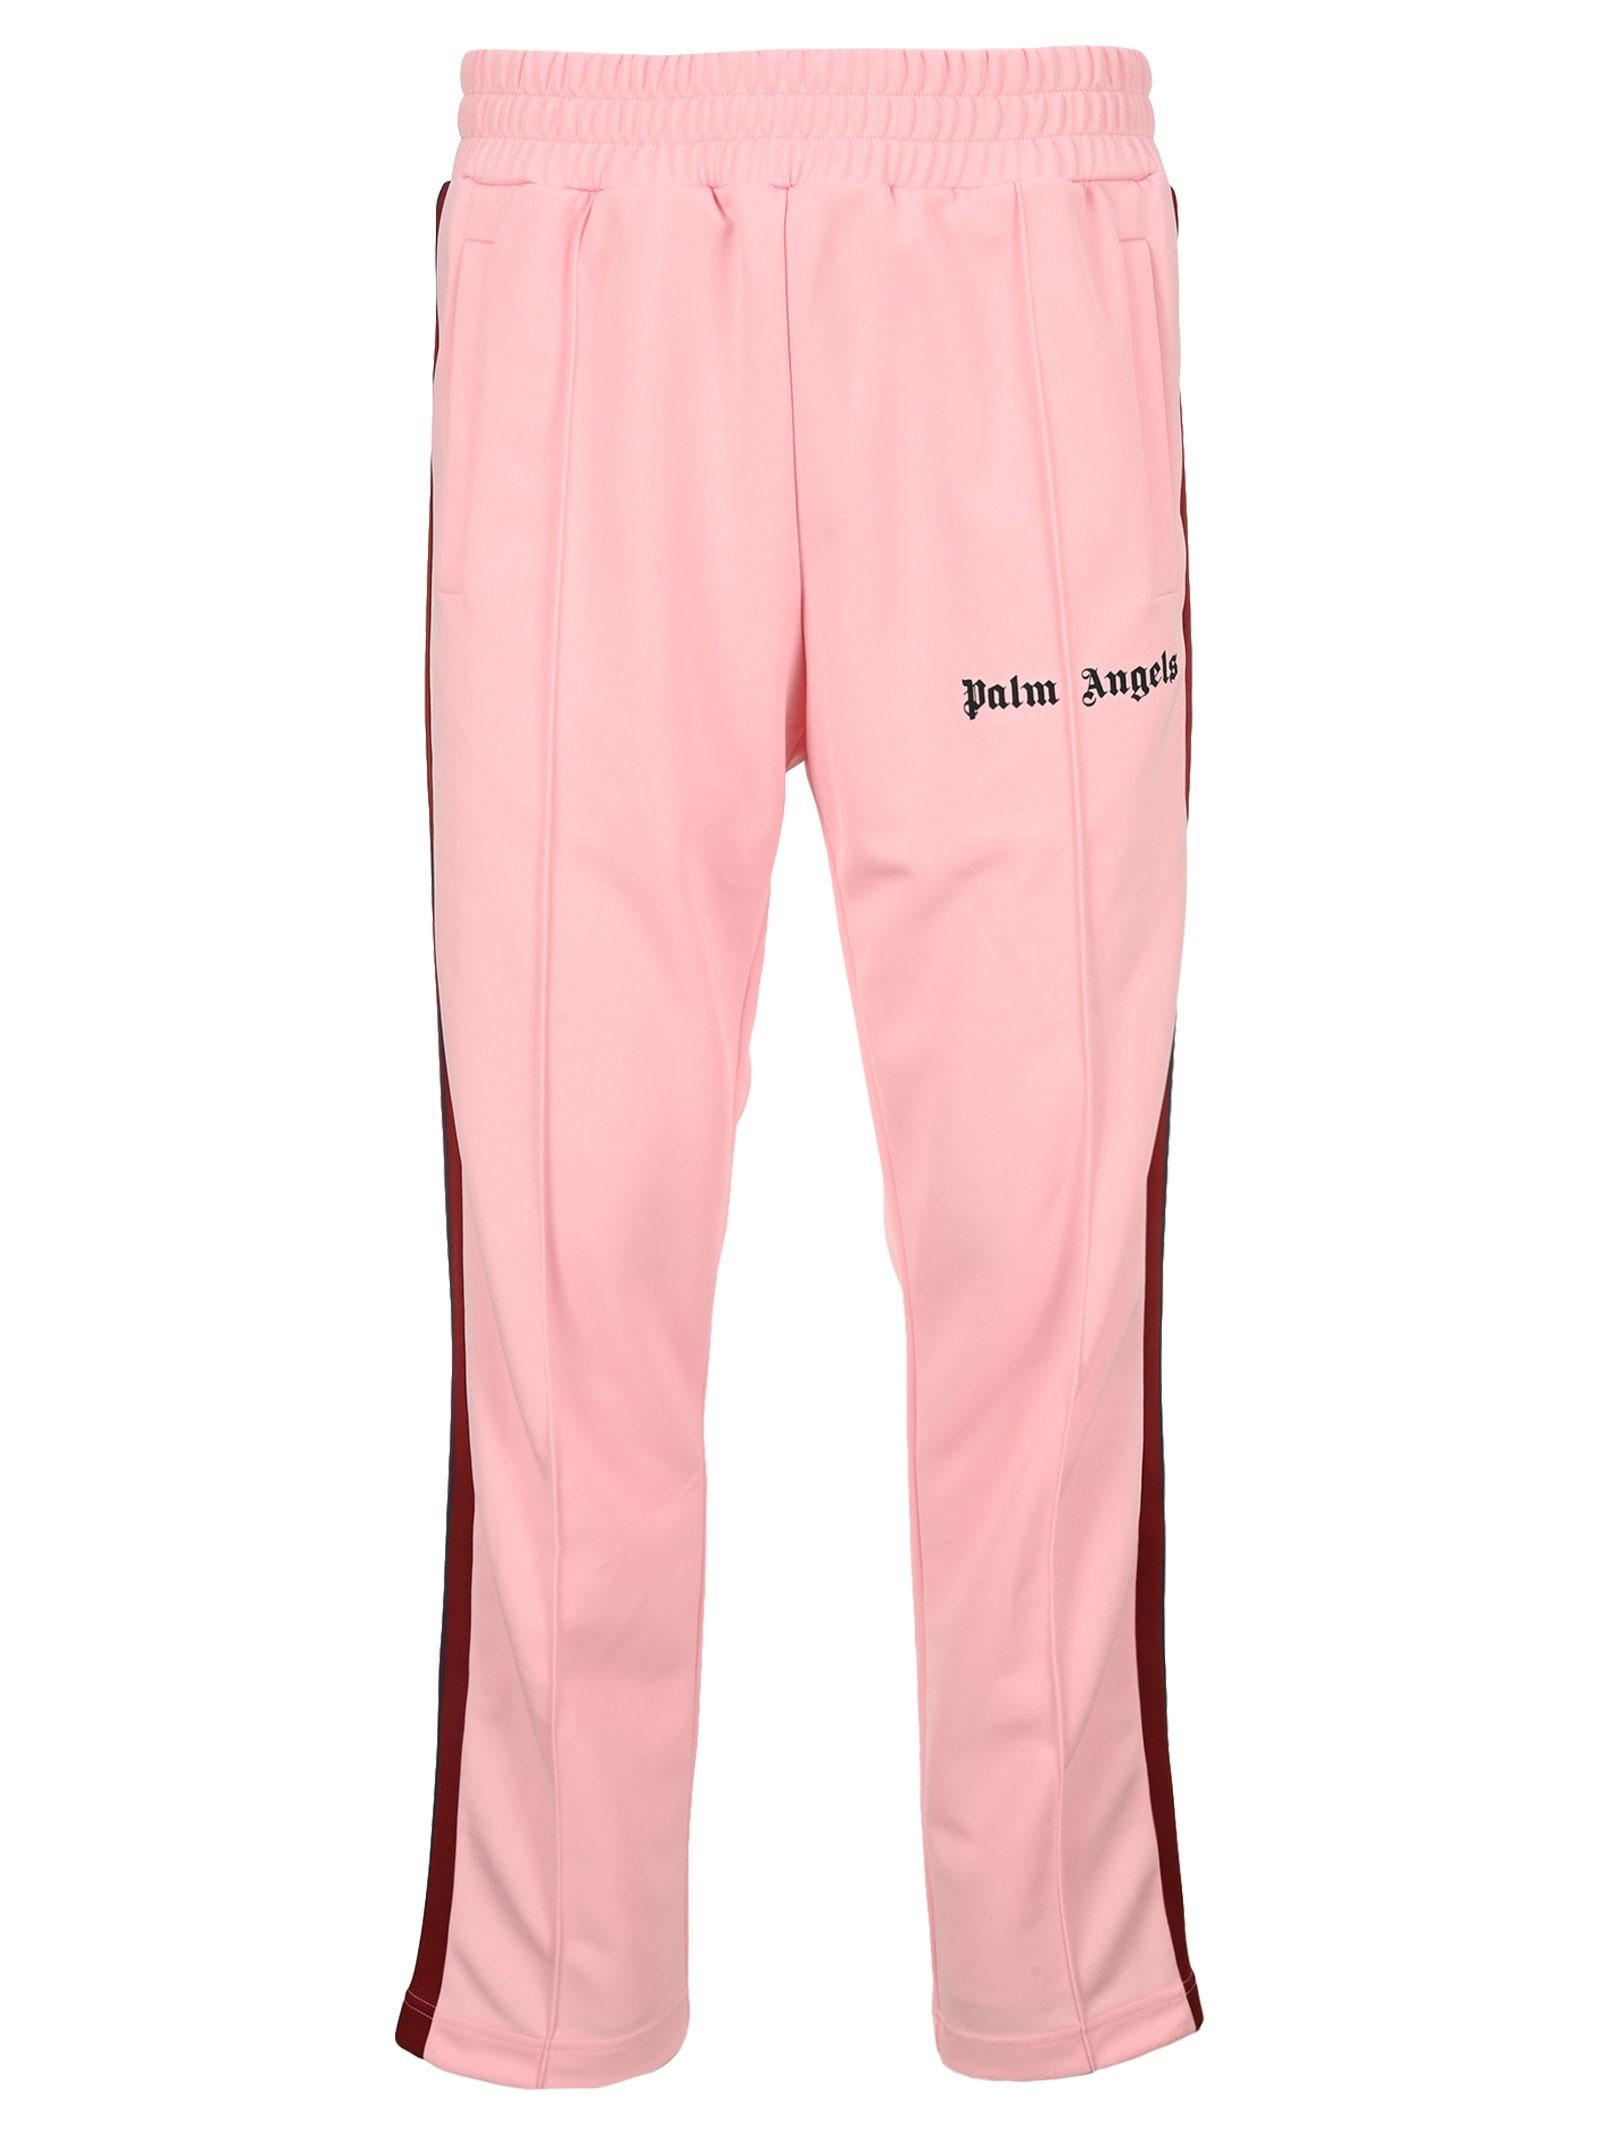 Palm Angels Track pants TRACK PANTS